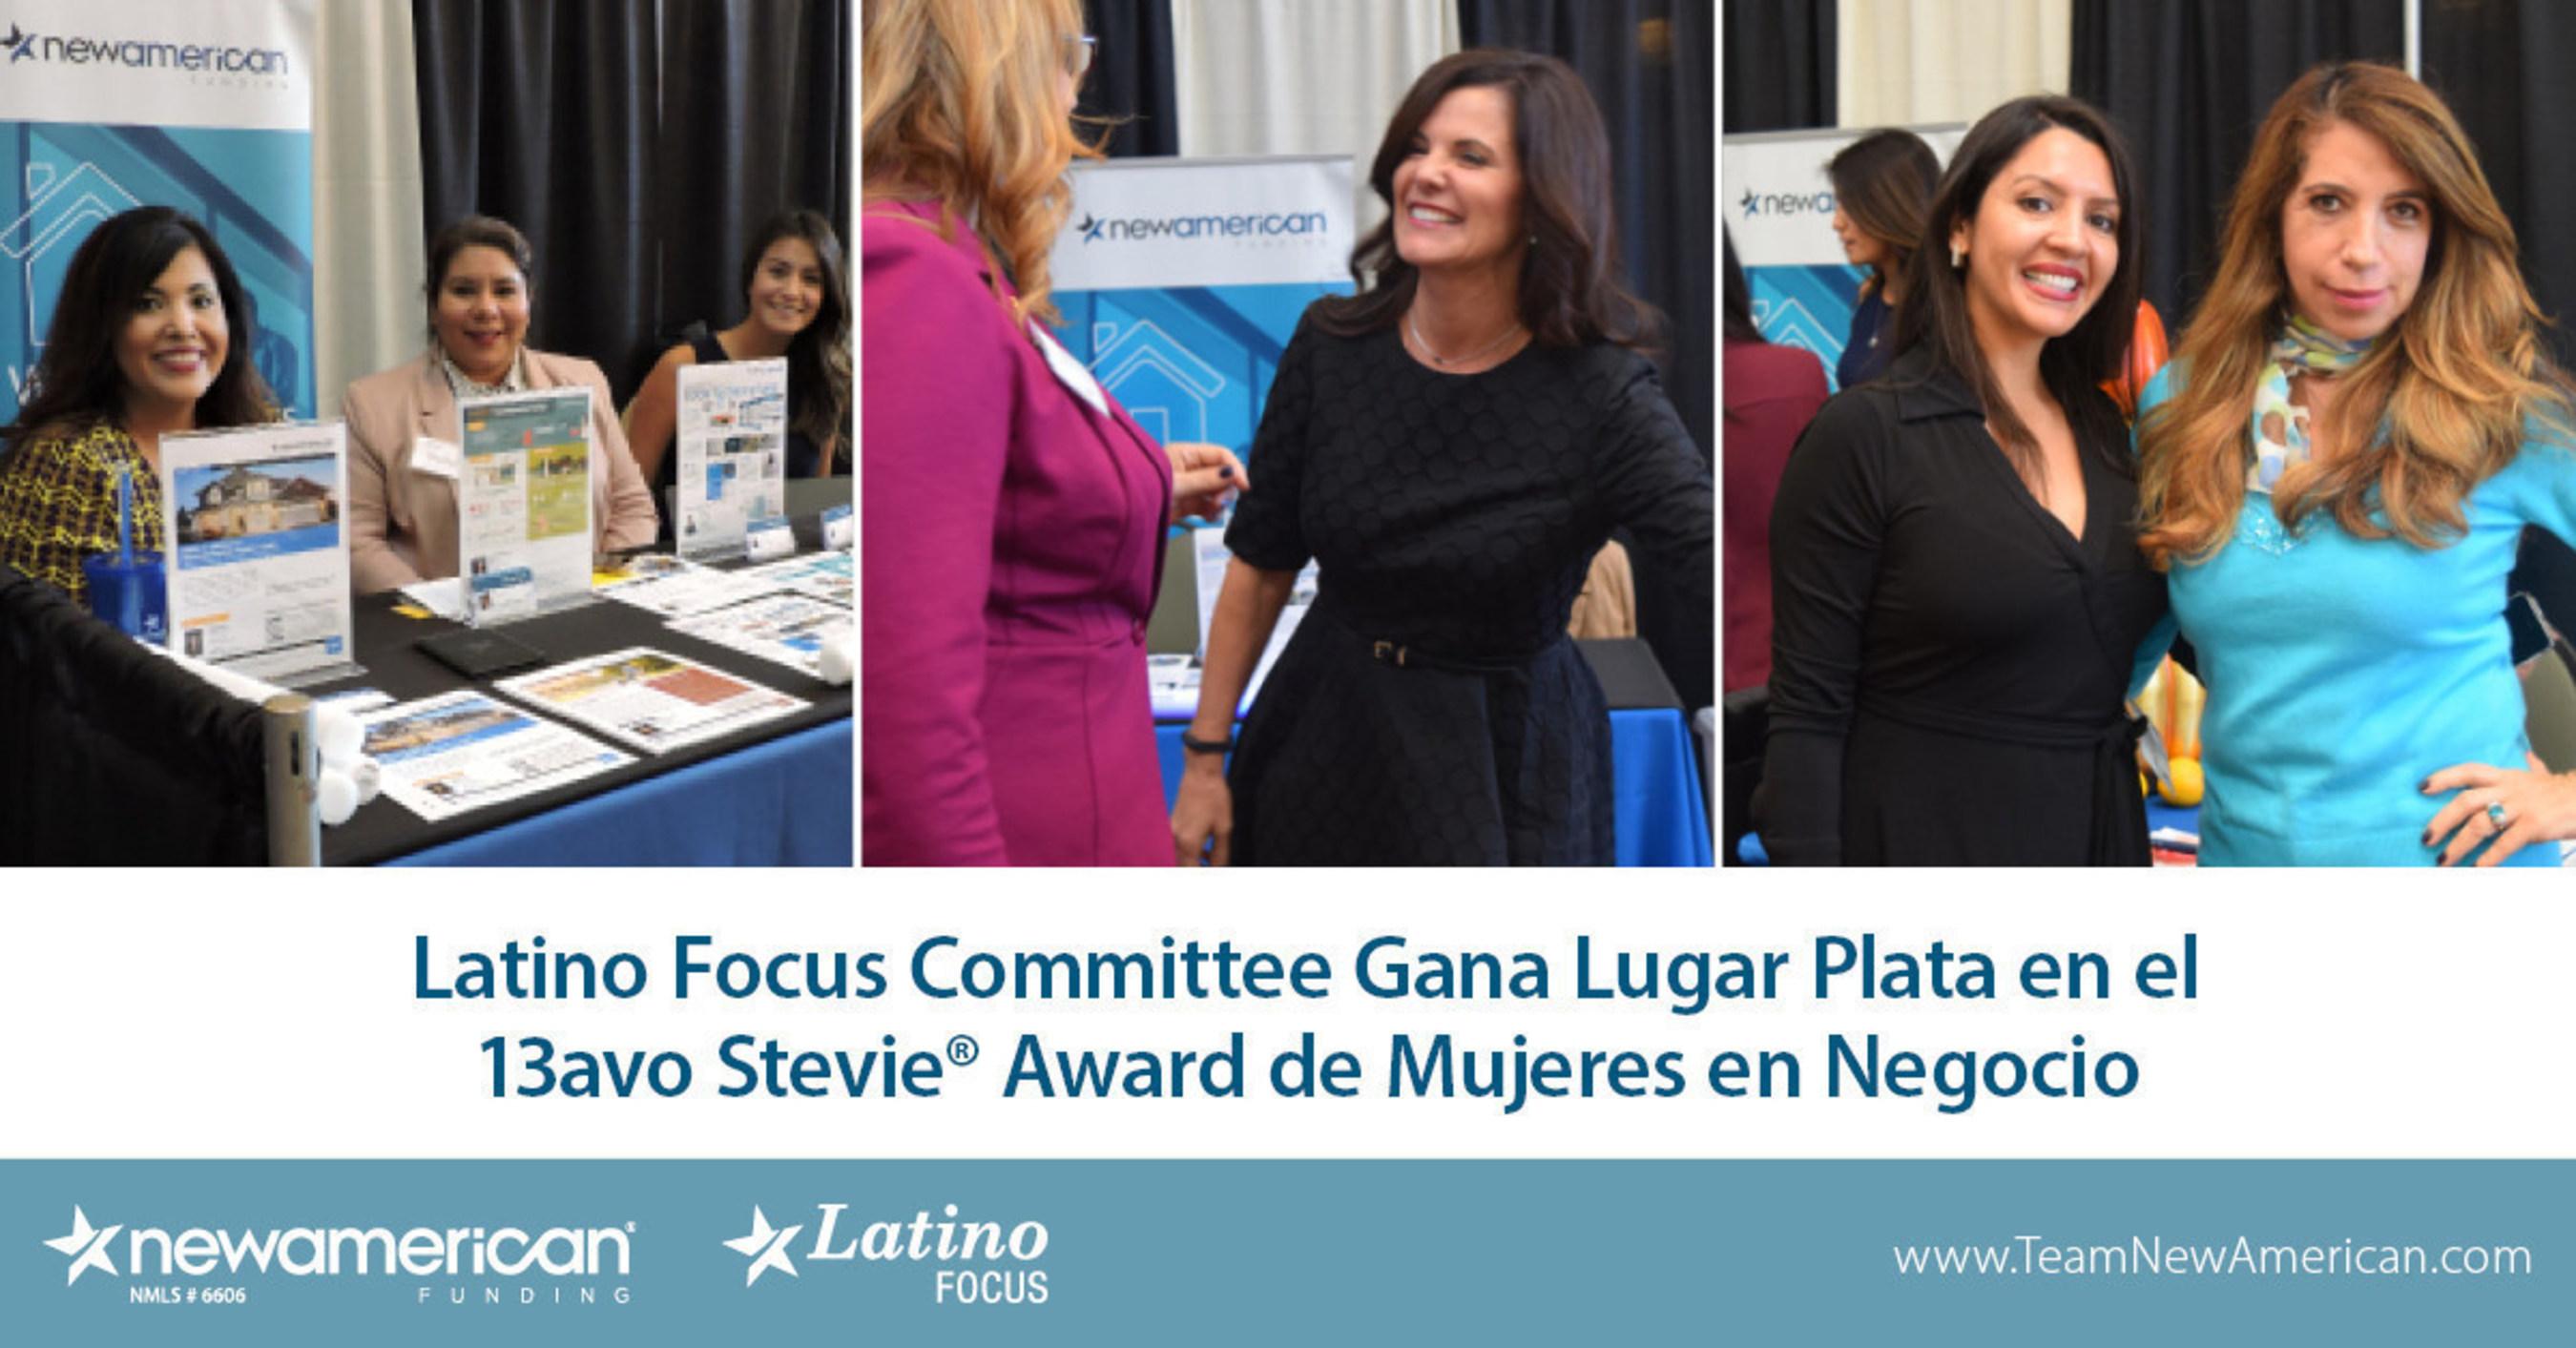 Latino Focus Committee gana el Premio Plata en la edicion anual numero 13 de los Stevie(R) Awards for Women in Business.